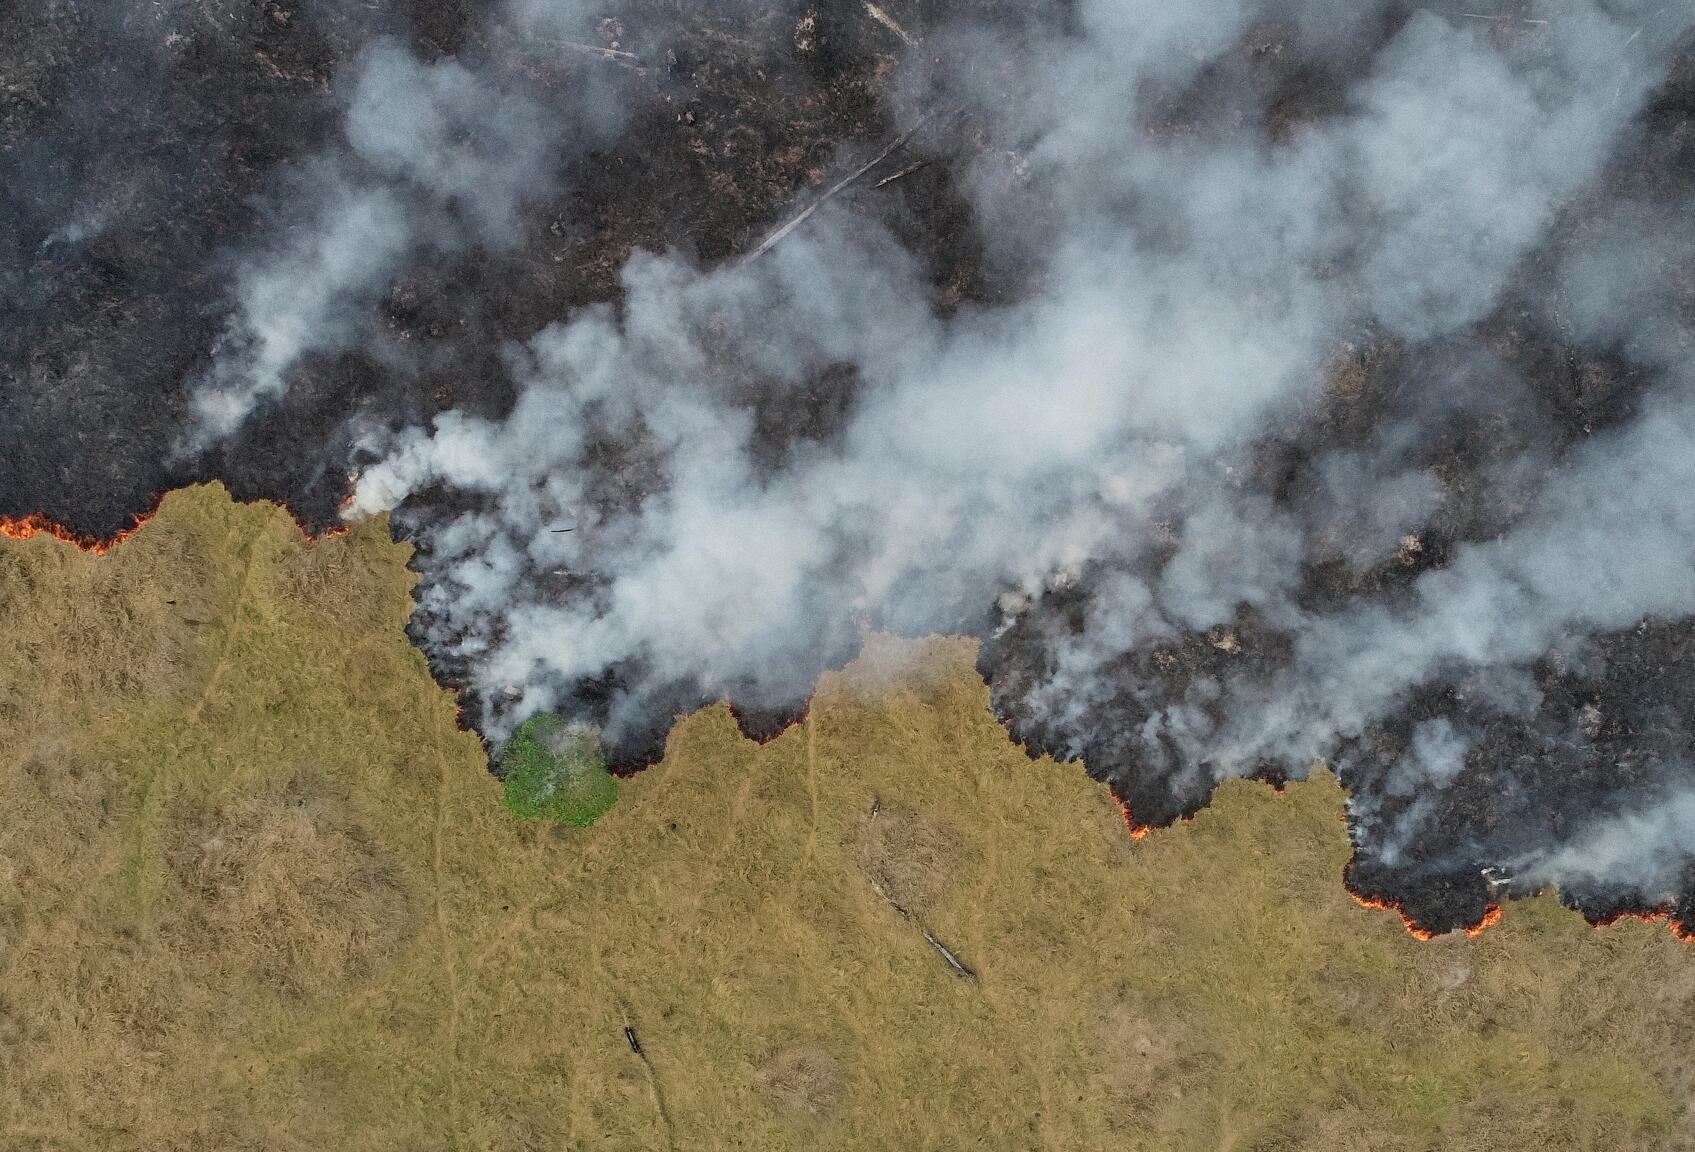 法国奢侈品集团 LVMH 将为扑灭亚马逊雨林大火资助1000万欧元